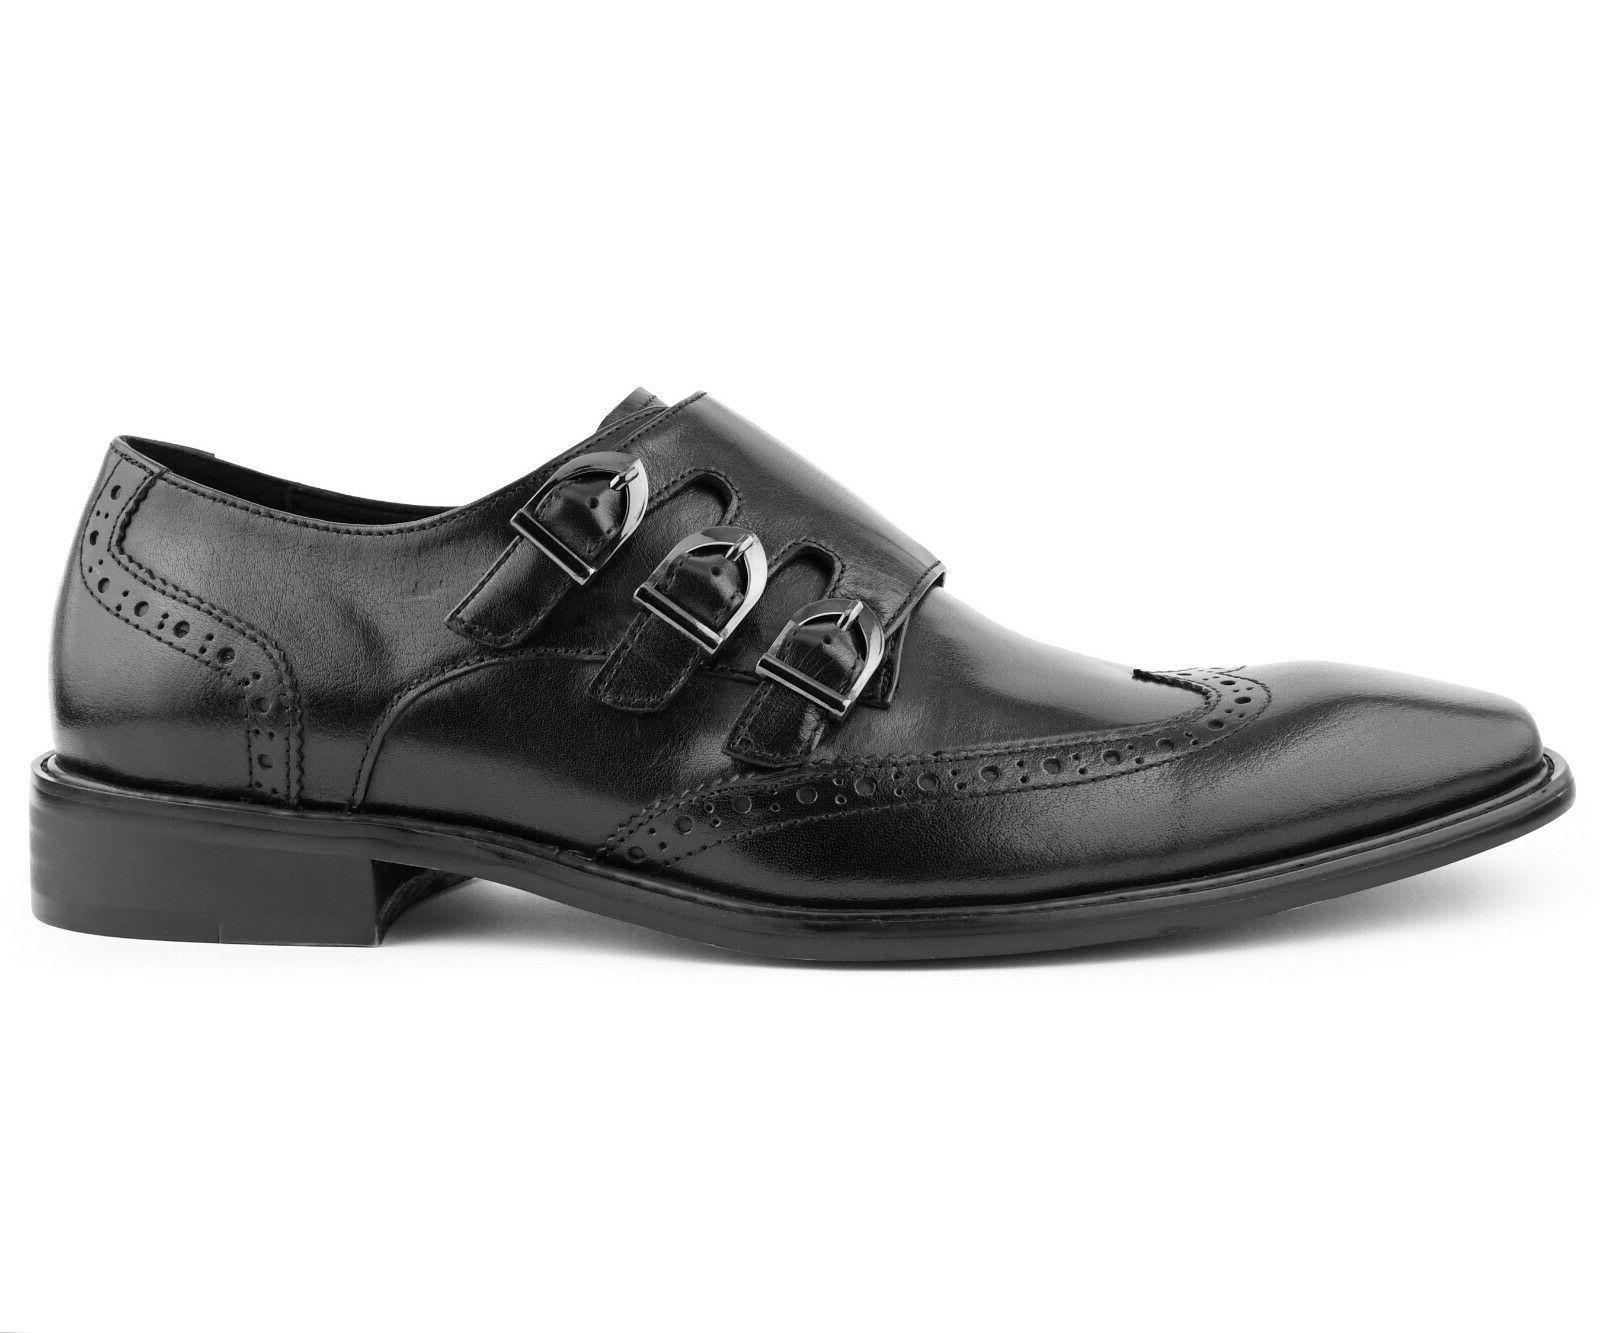 Men's Dress Shoes, Formal Monk Strap Shoes